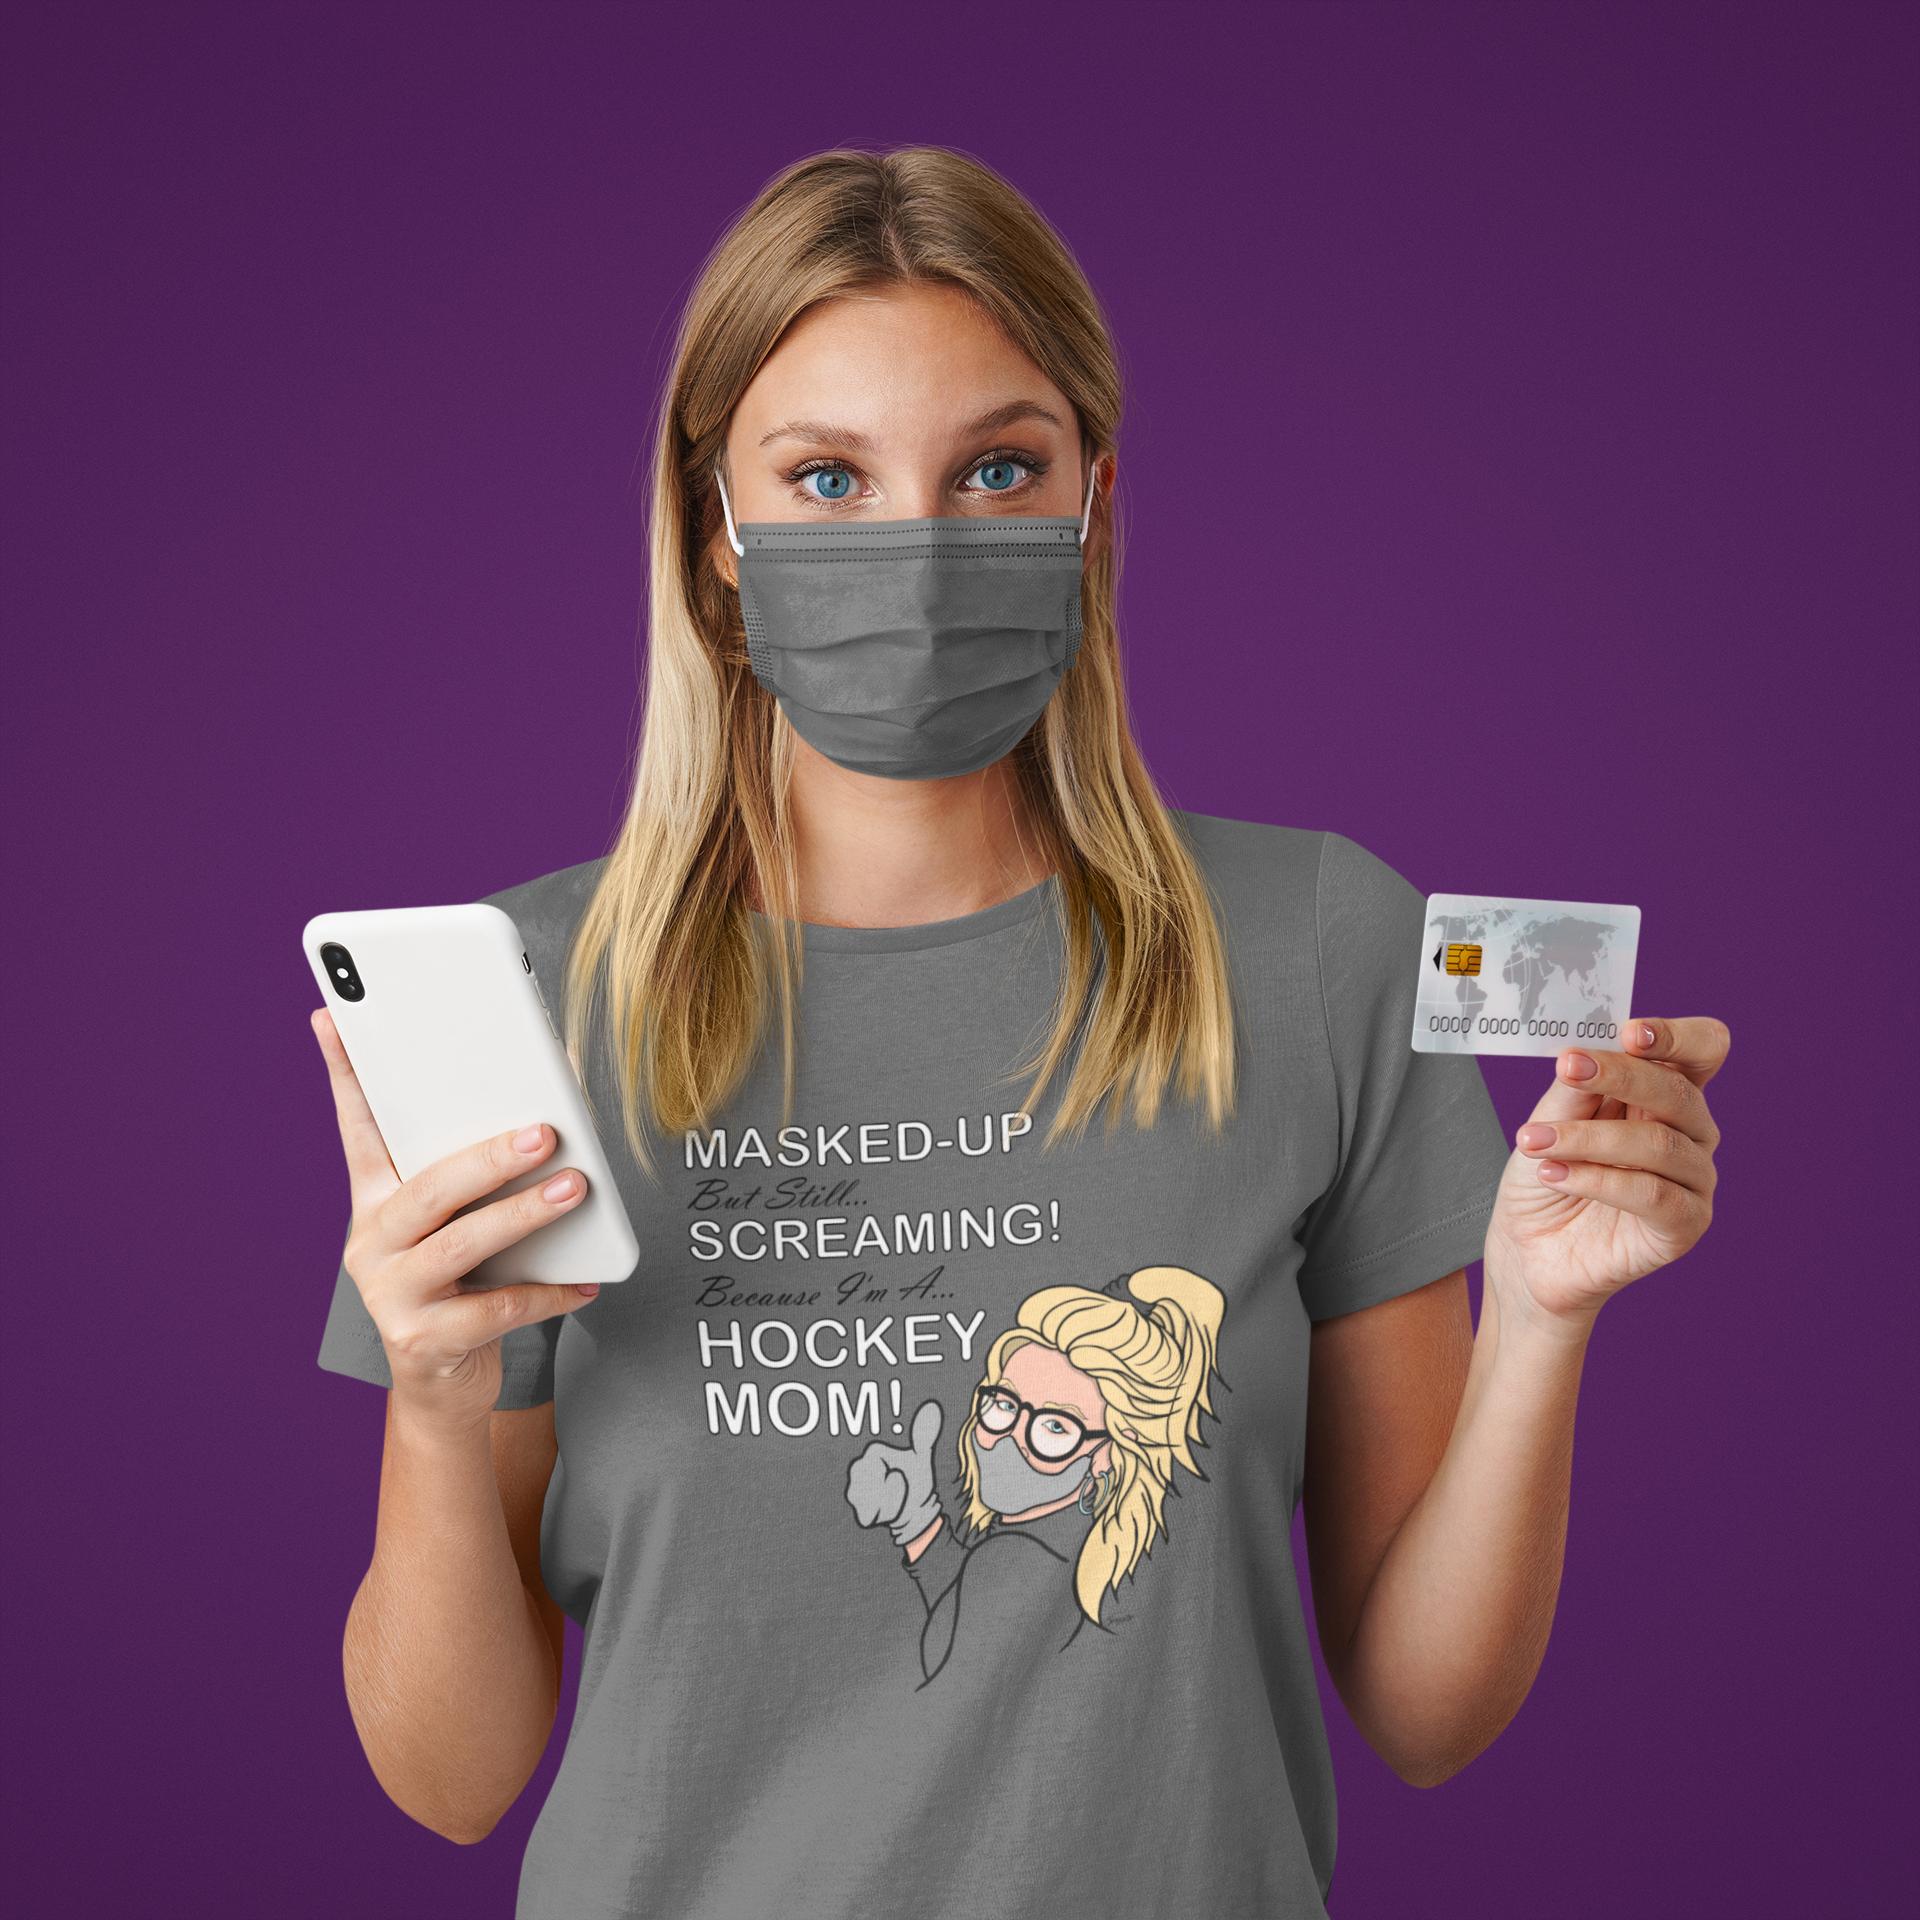 Ice Hockey Mom Masked Up T-Shirt